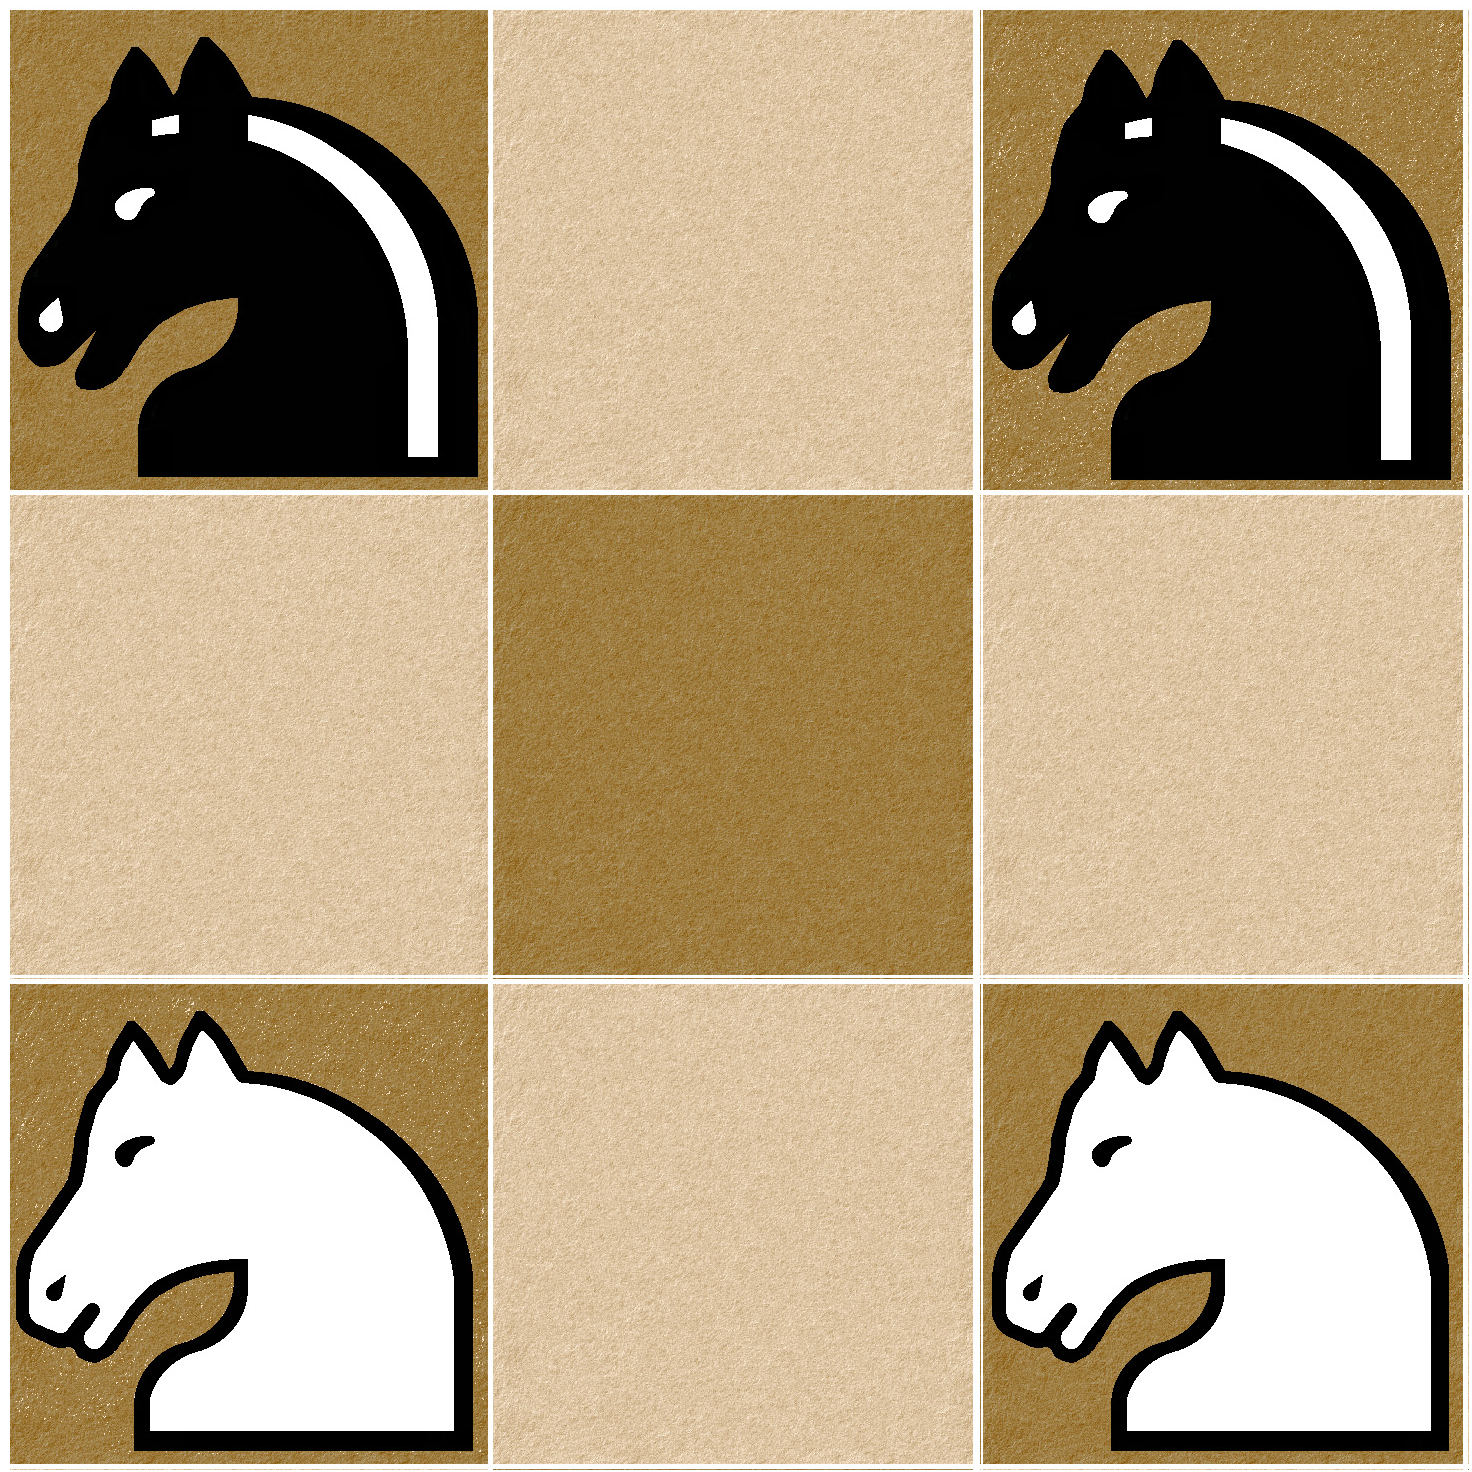 En sachant qu'un cheval au échec se déplace en